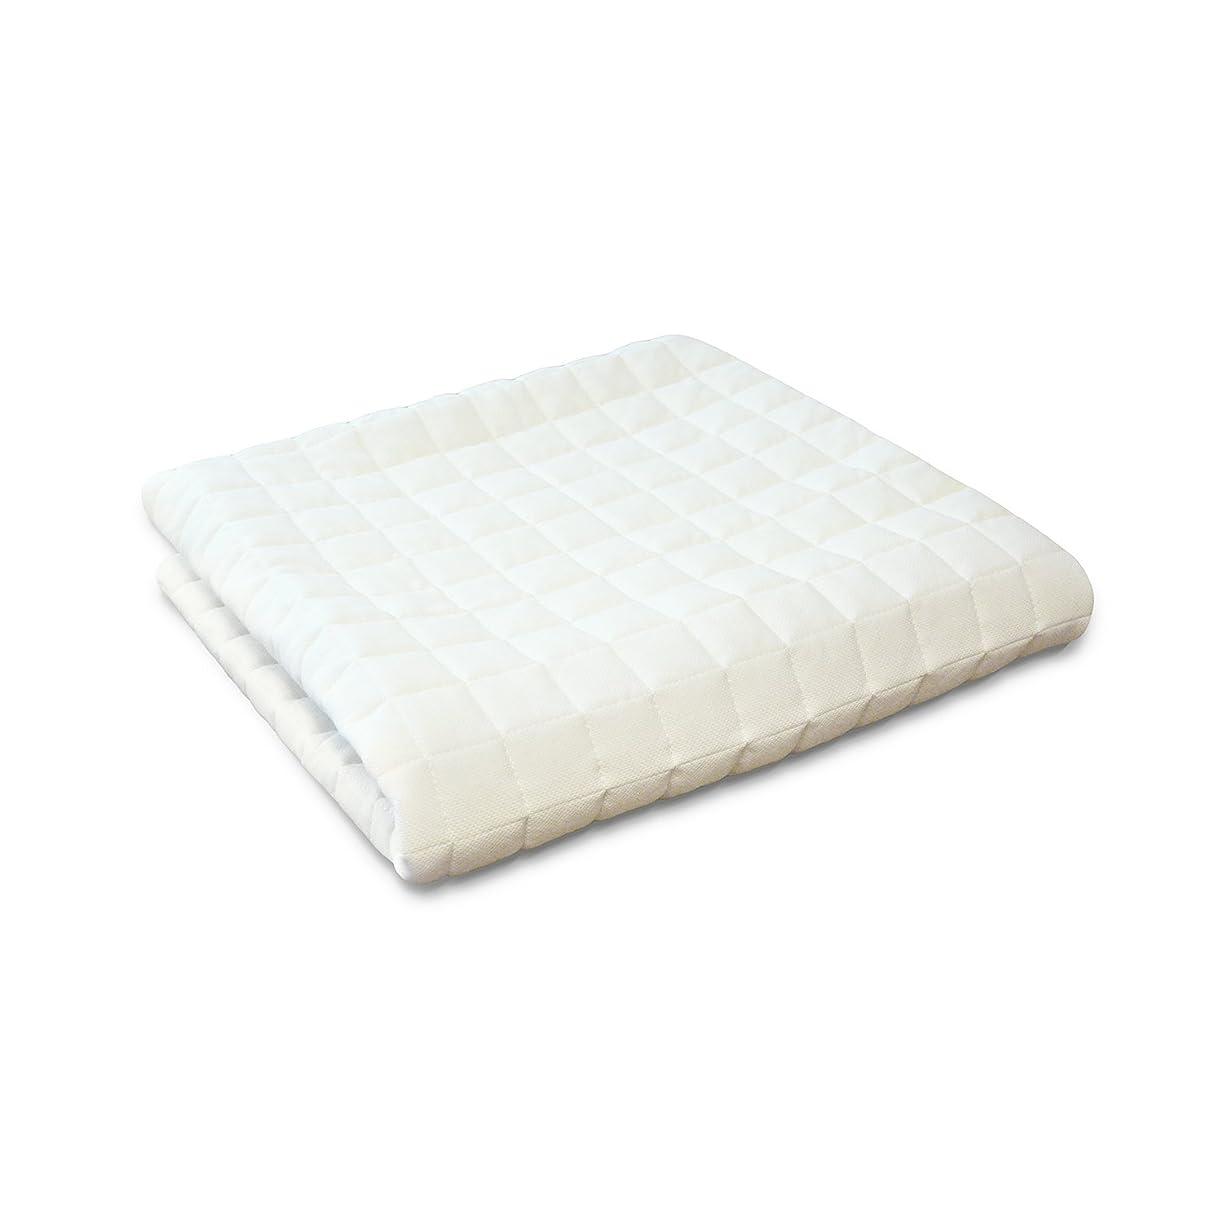 絶滅させるディレクトリ引数TOBEST ベッドパッド 汚れ防止マットレスカバー 通気性抜群 丸洗い可能 メッシュ 取替楽々 アイボリー 厚み10cmまで (ダブル)